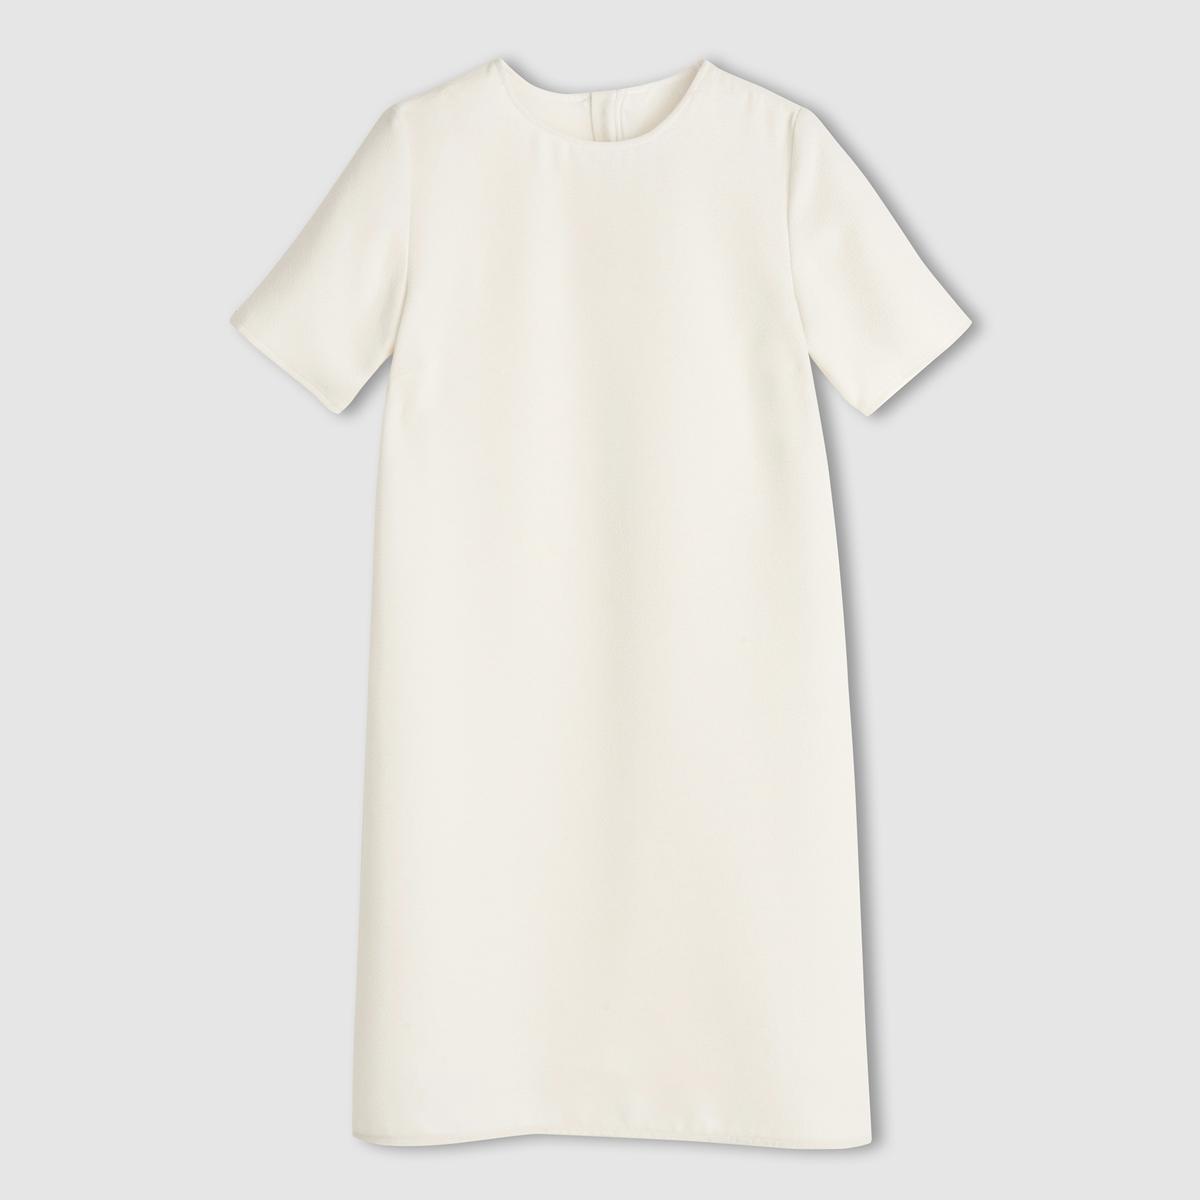 Платье с короткими рукавамиПлатье с короткими рукавами .Изящный прямой покрой, комфортный при носке . Небольшой круглый вырез . Застежка на молнию сзади. . 100% полиэстера с рельефным эффектом . Подкладка 100% полиэстера только для цвета слоновой кости  . Длина 92 см .<br><br>Цвет: слоновая кость<br>Размер: 42 (FR) - 48 (RUS).46 (FR) - 52 (RUS).44 (FR) - 50 (RUS)